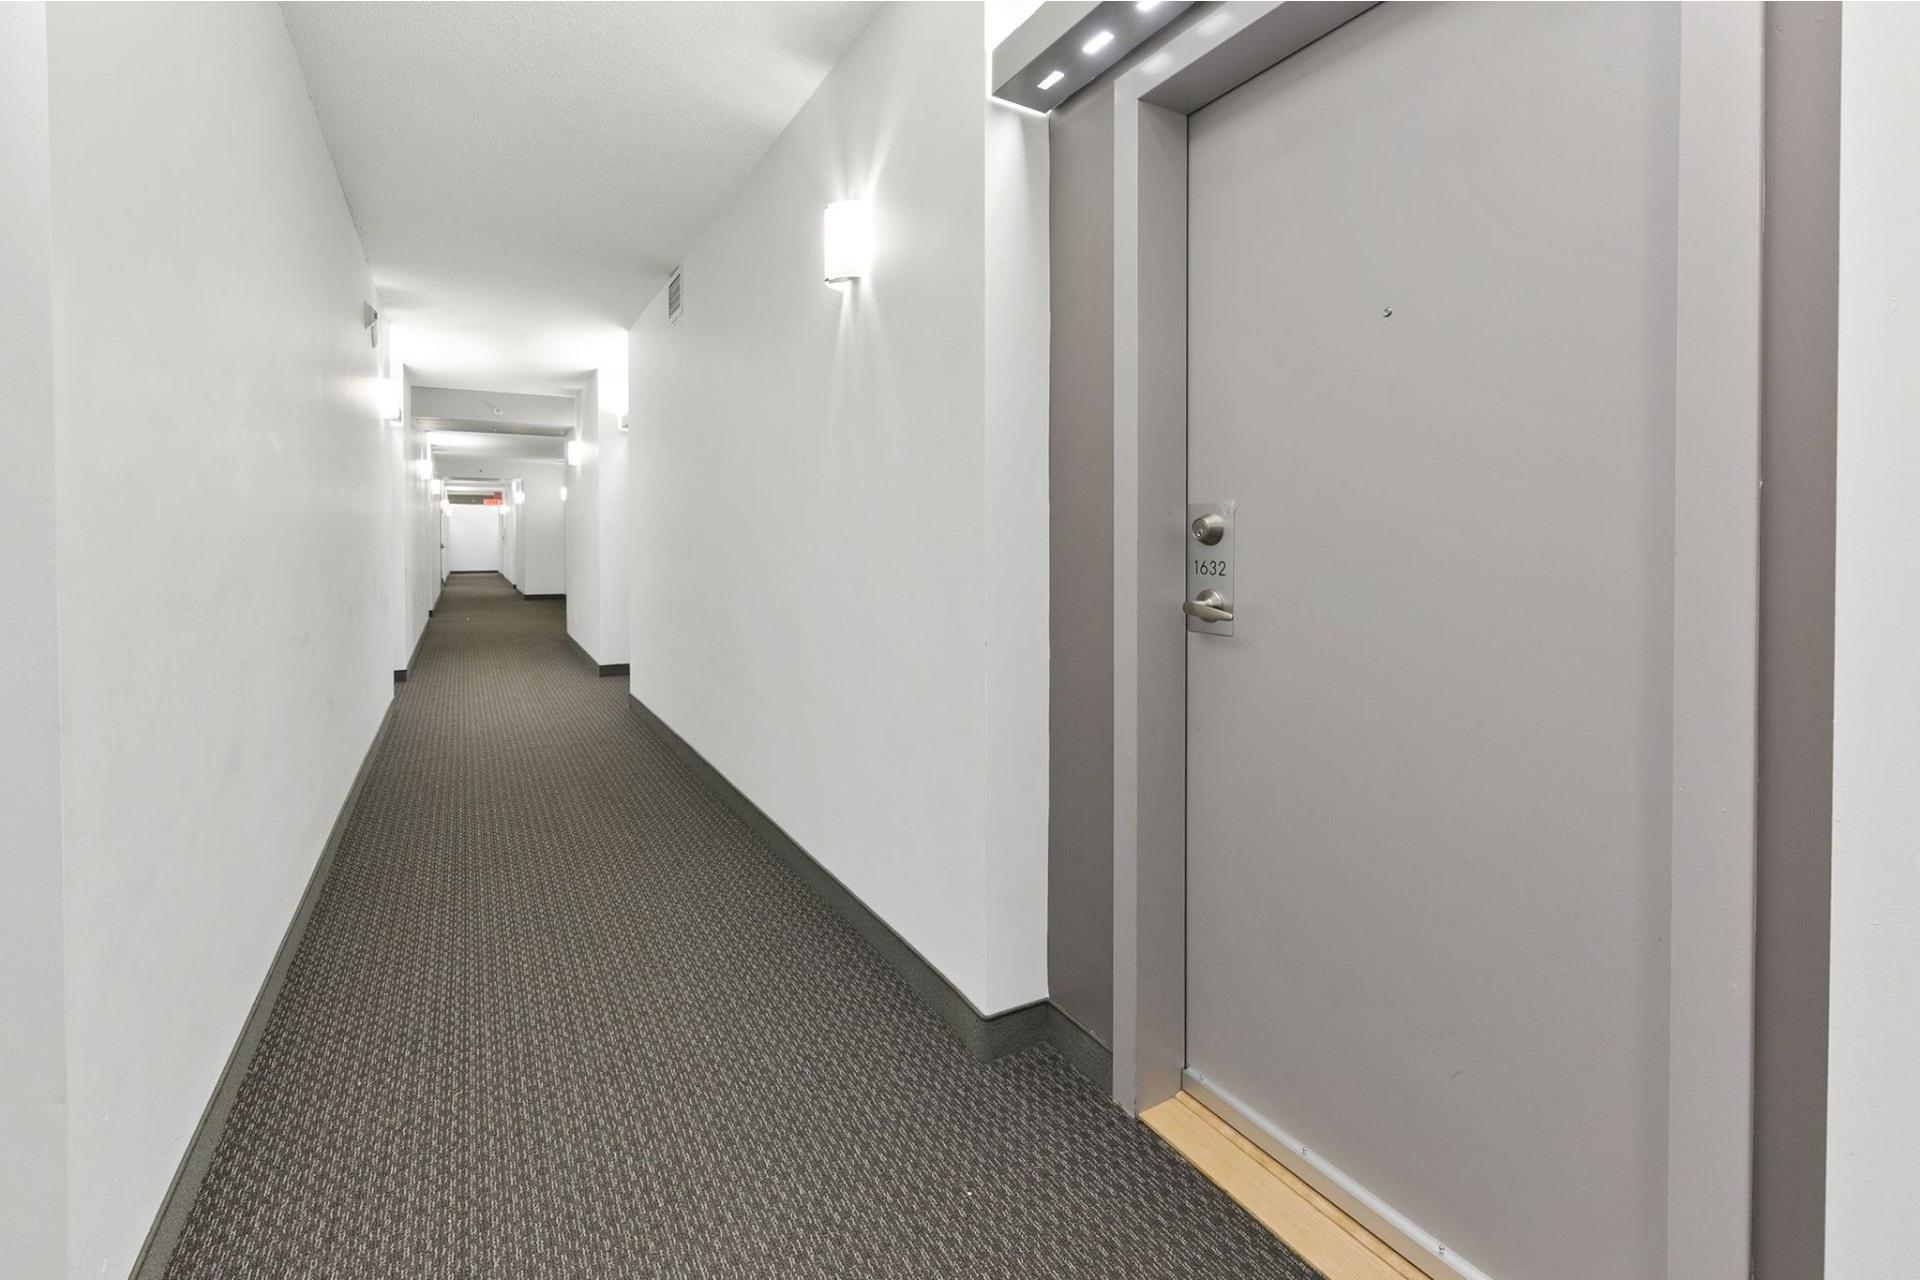 image 10 - Appartement À louer Ahuntsic-Cartierville Montréal  - 4 pièces